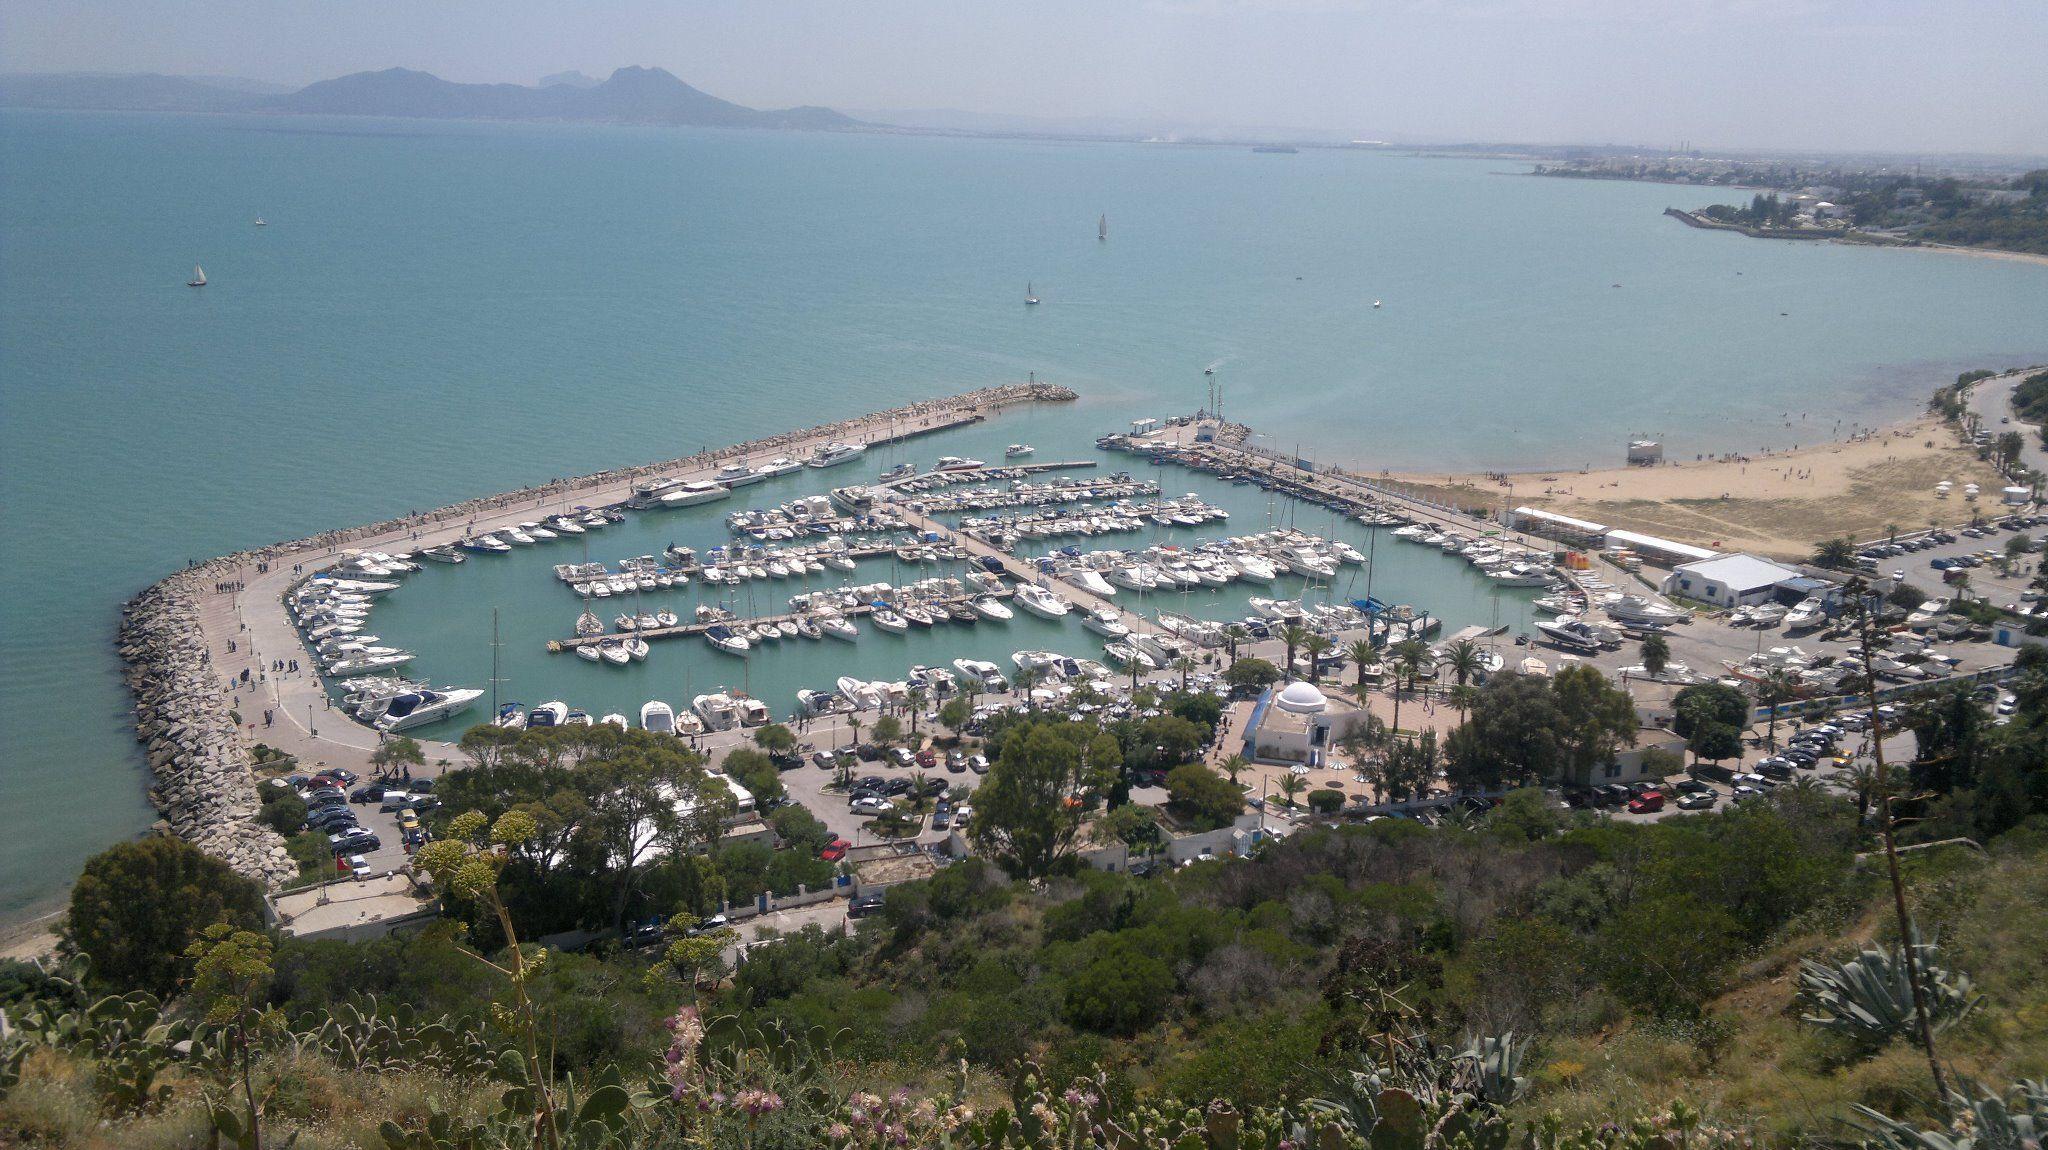 مرسي سيدي بوسعيد تونس Aerial Photo City Photo